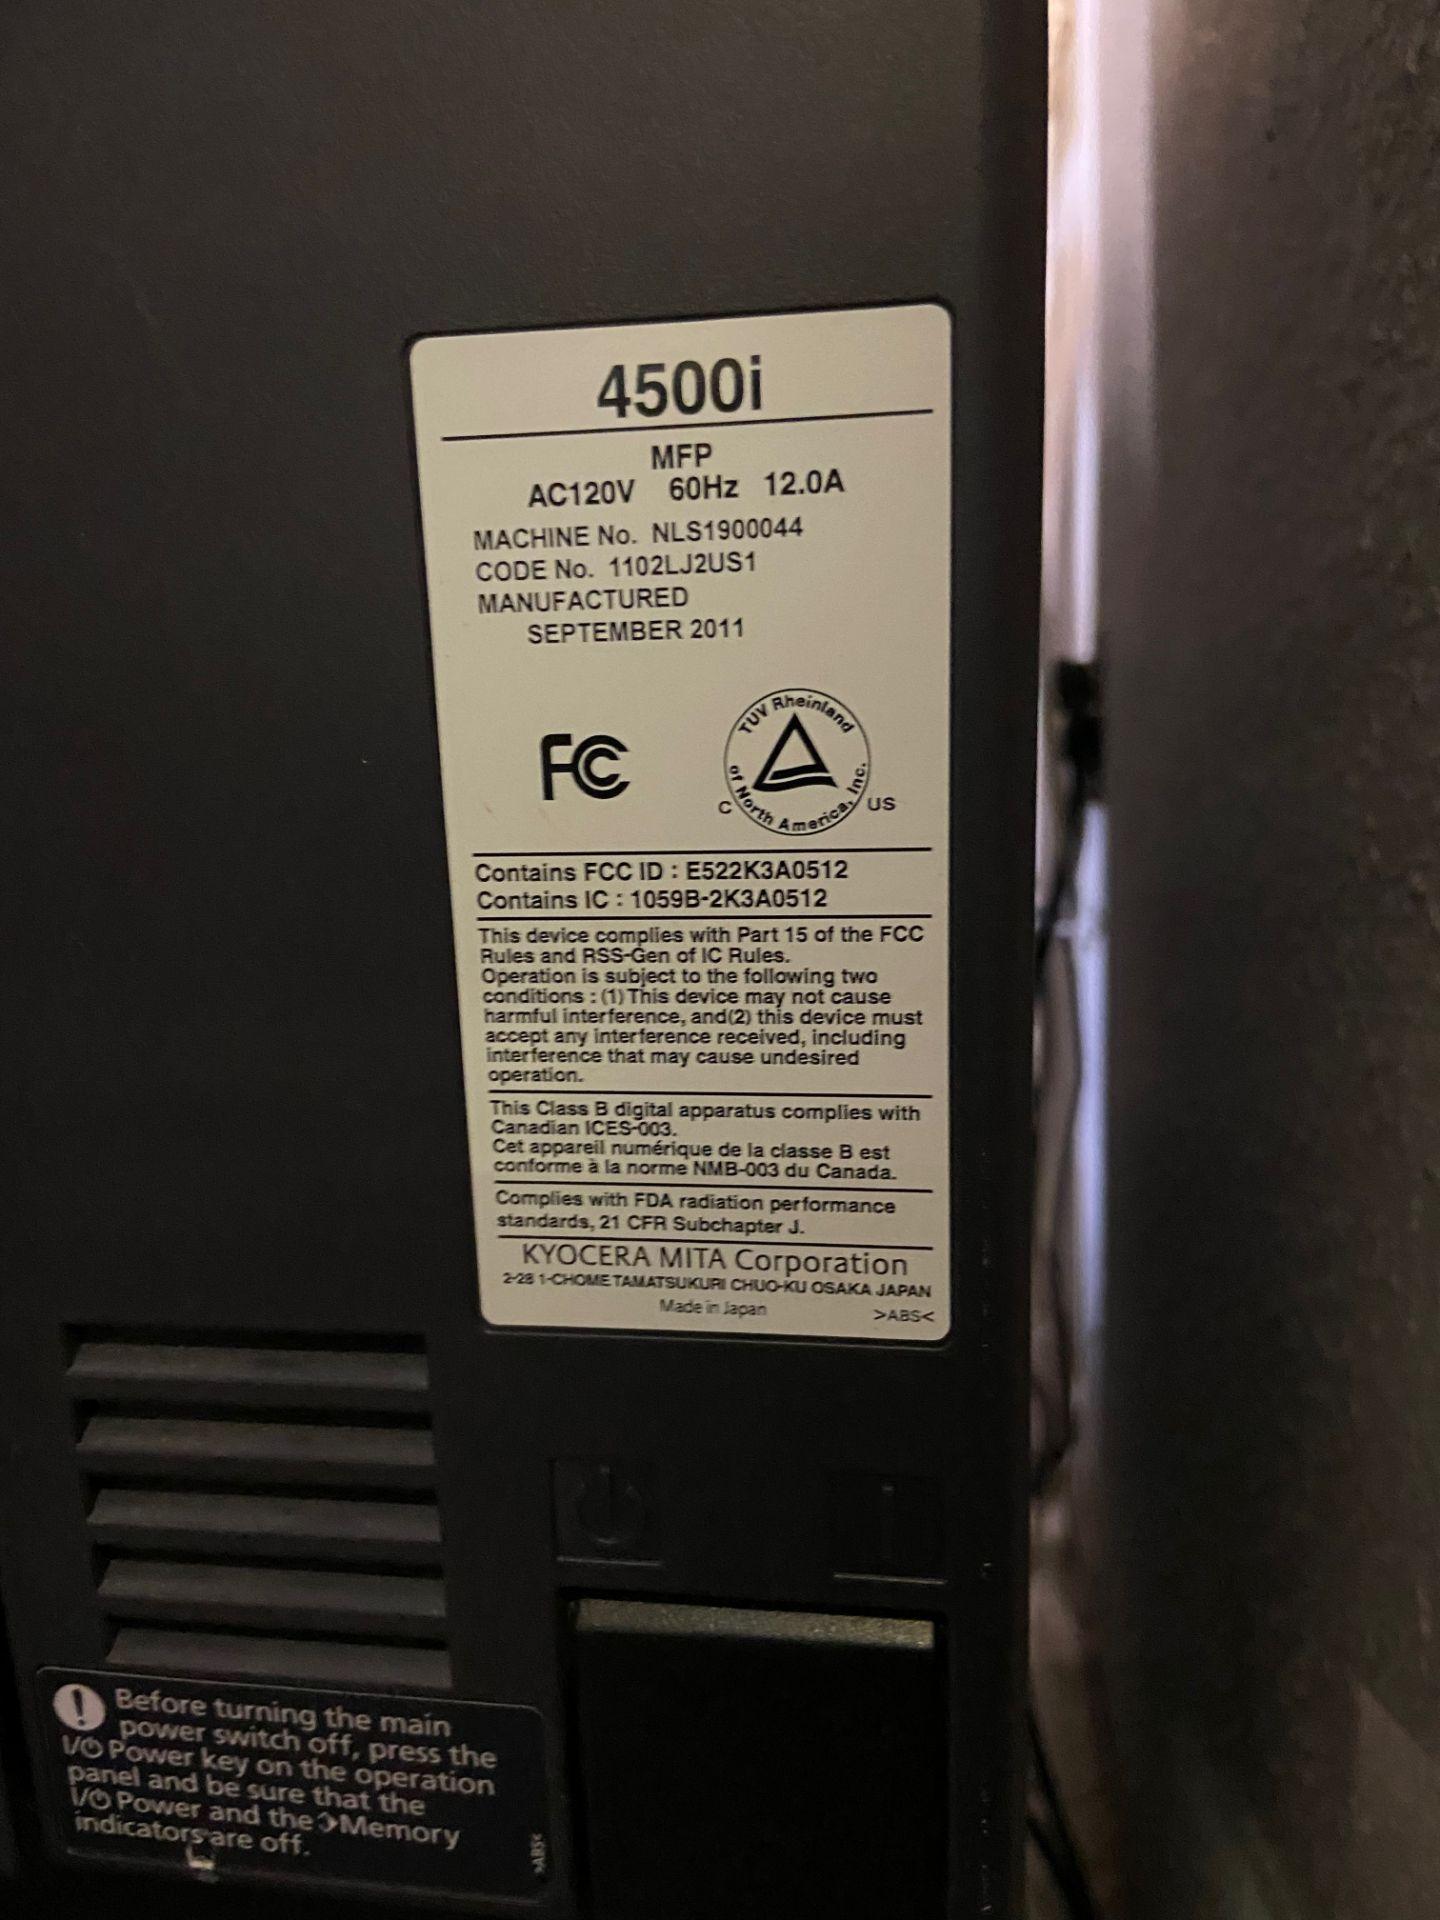 Kyocera TASKalfa 4500i Black and White Print/ Scan/ Copy System, Machine# NLS1900044, 120V, 60Hz, - Image 6 of 8